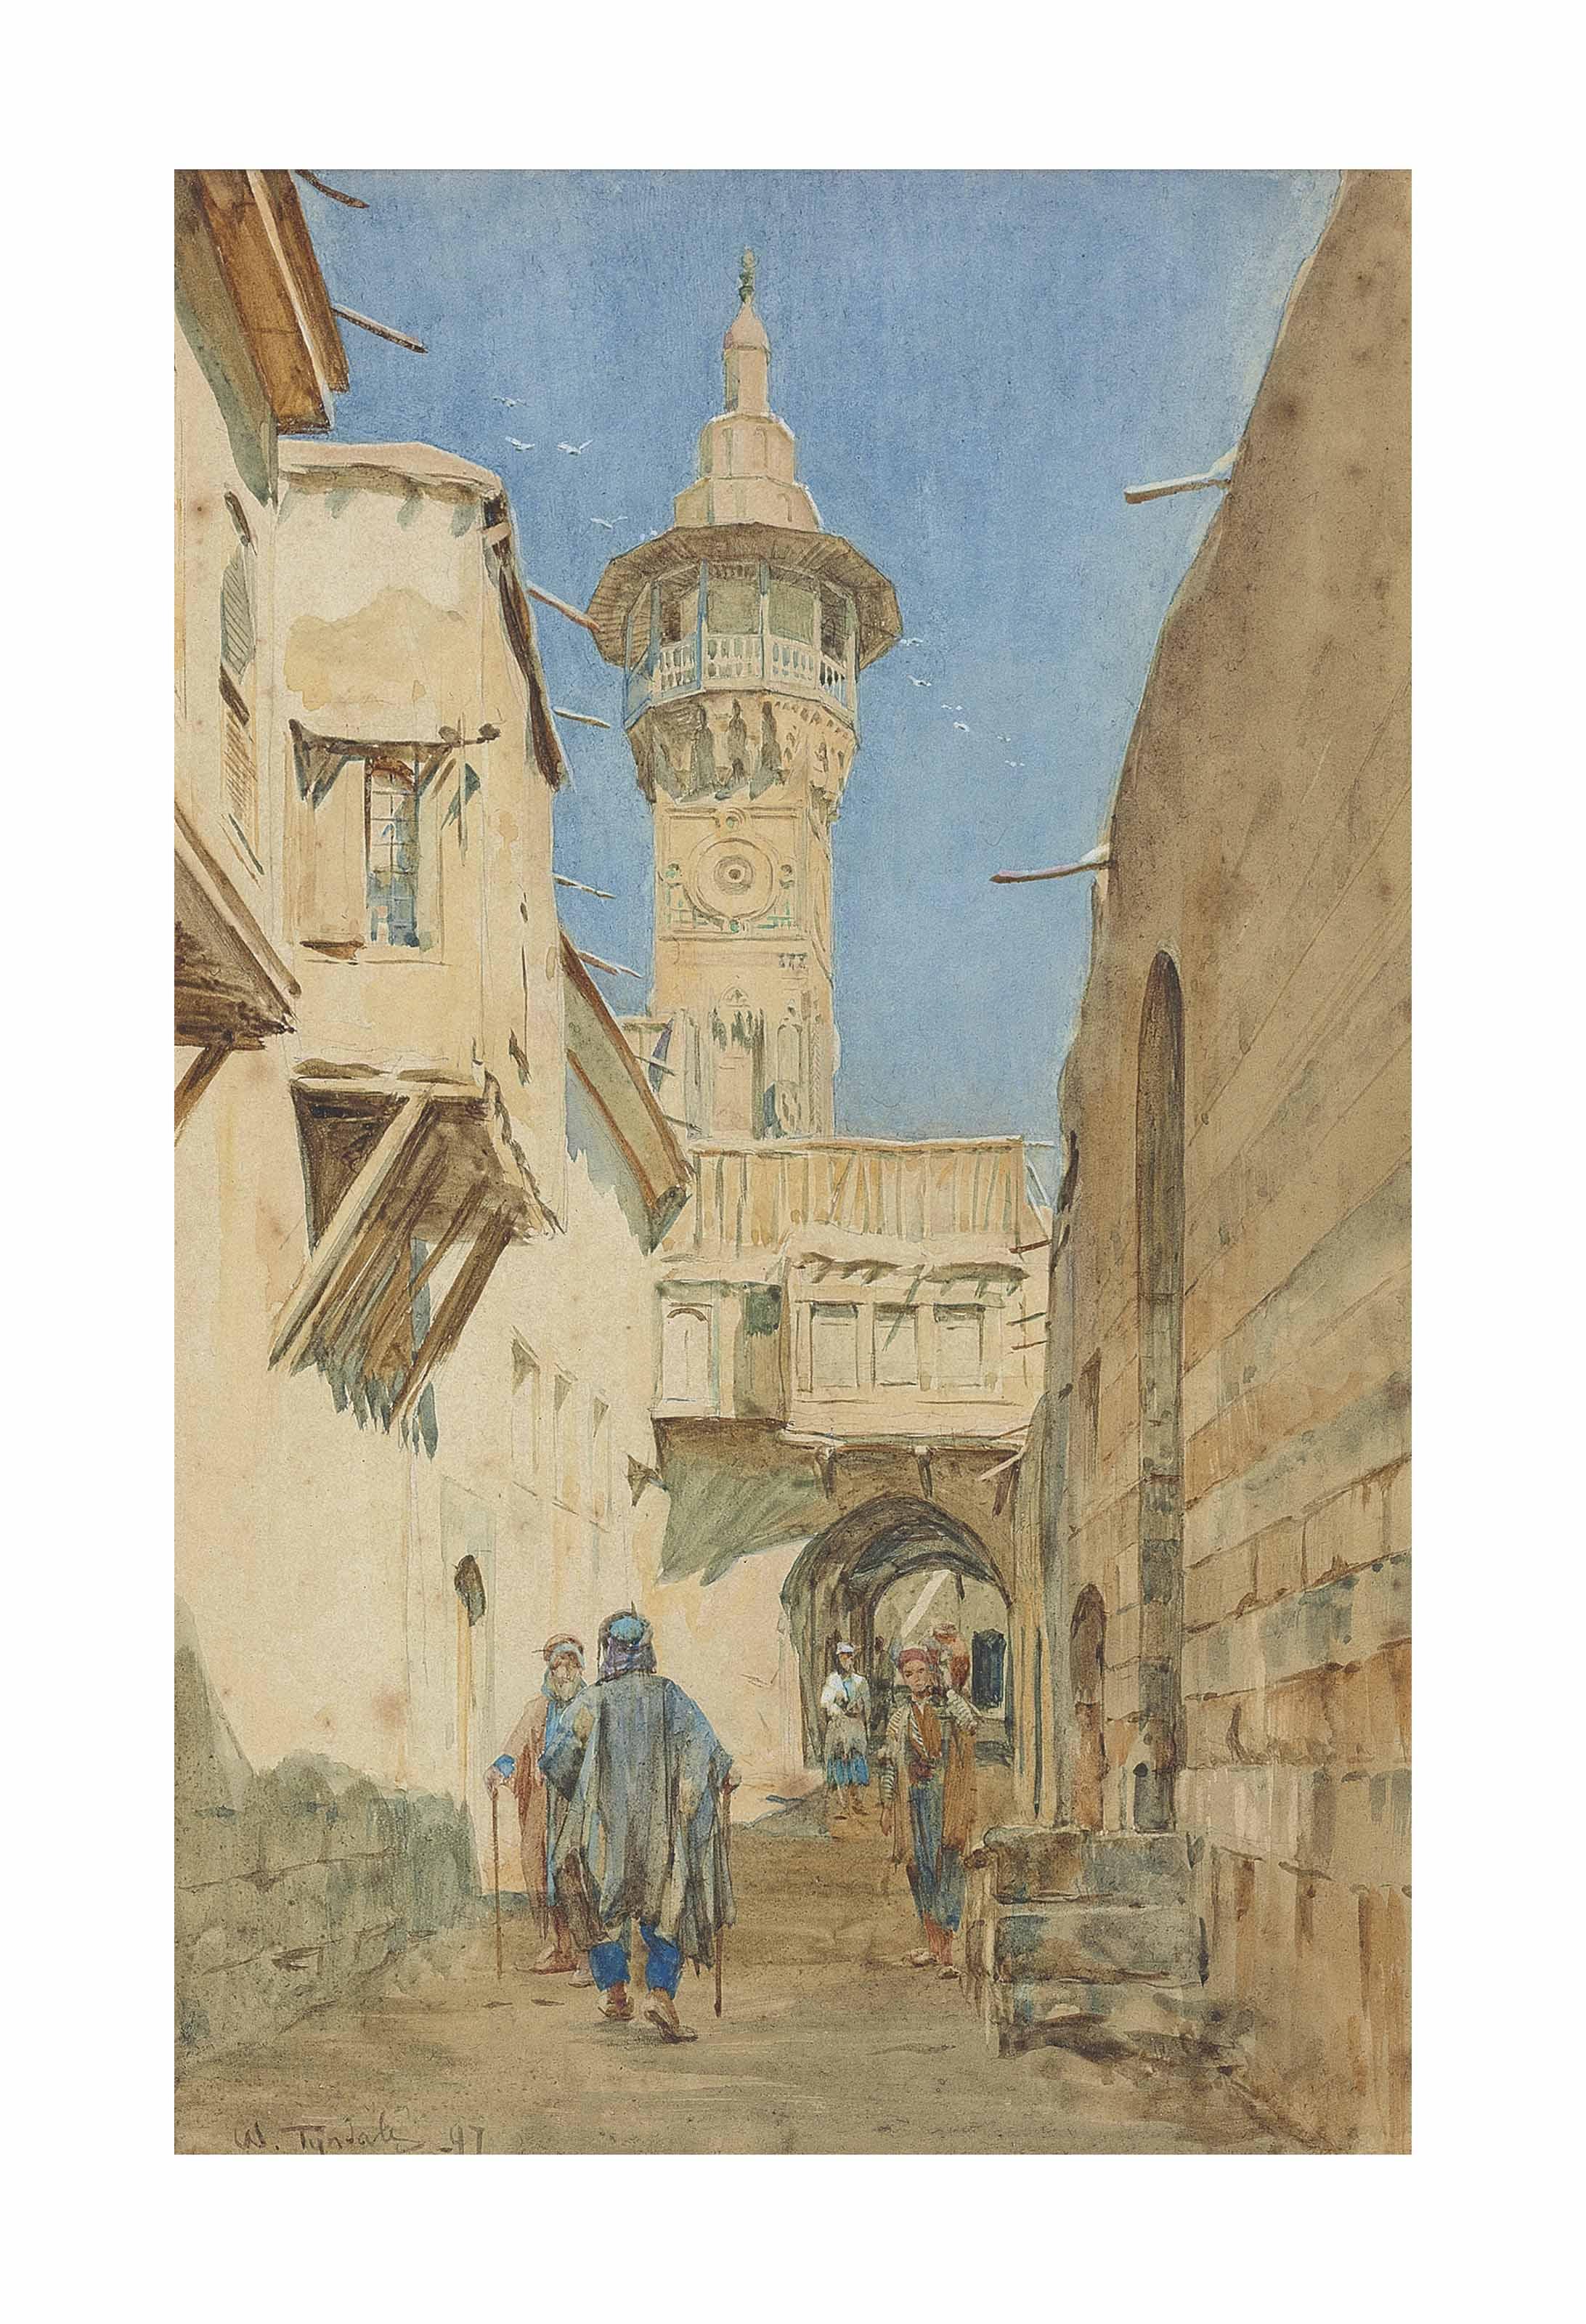 A bustling street before a minaret, Damascus